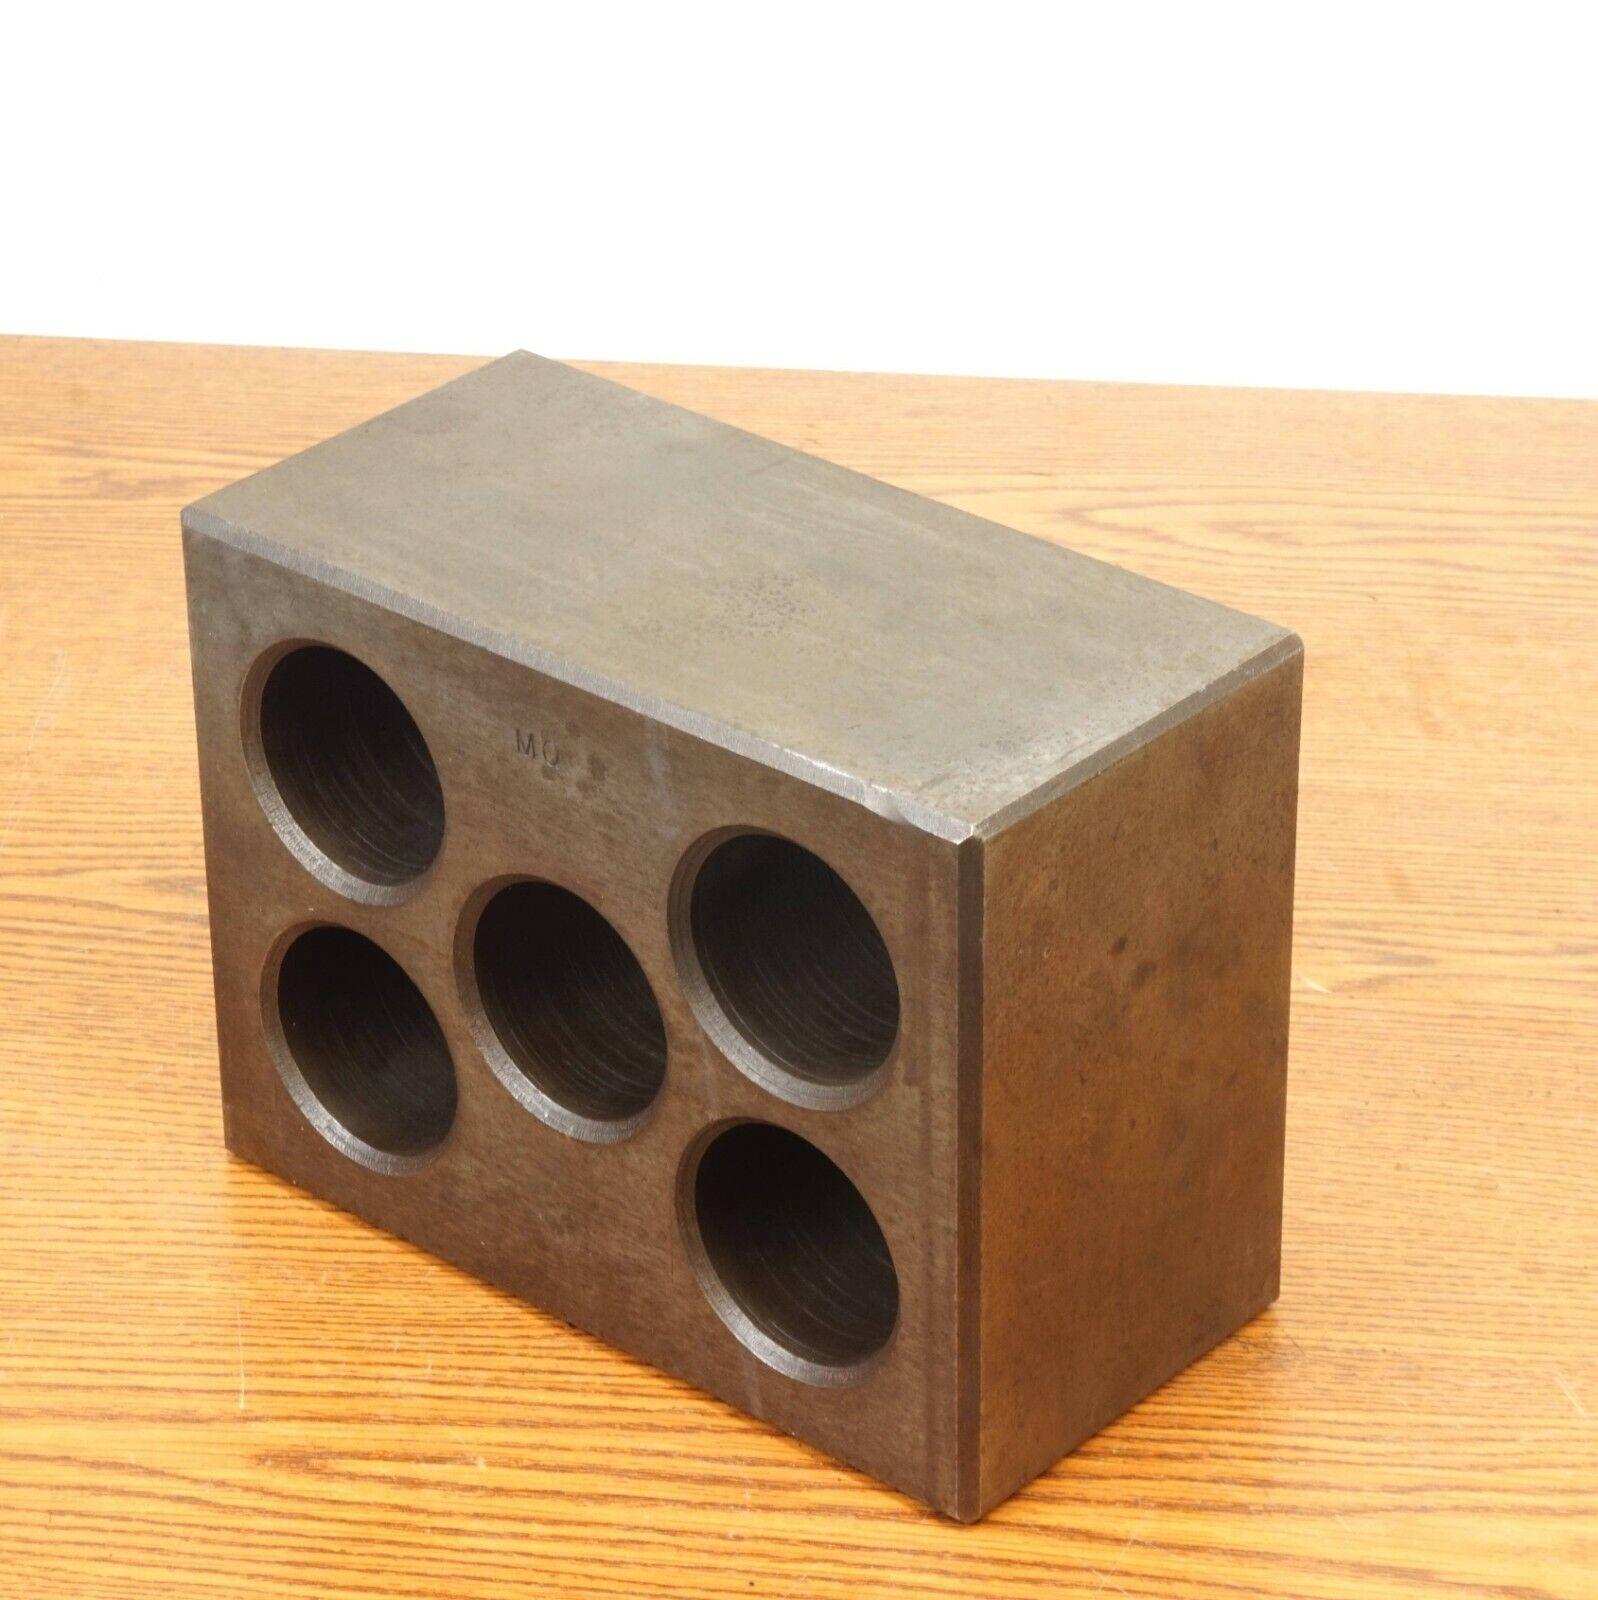 MQ Steel Precision Block Angle